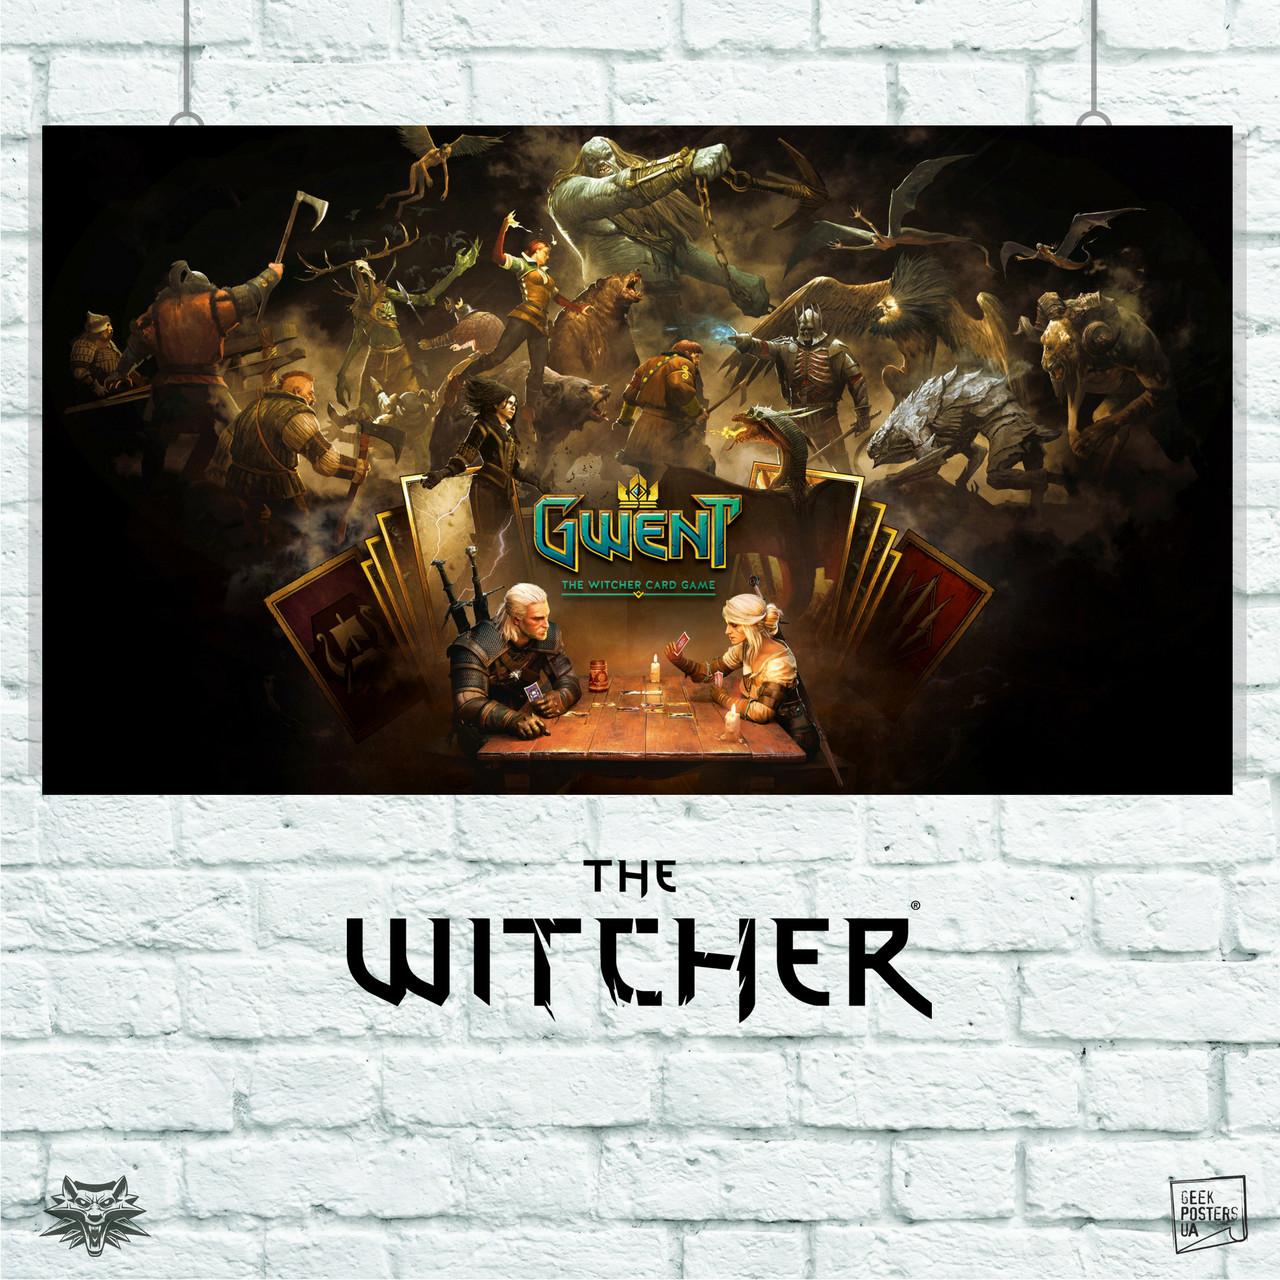 Постер Гвент, Gwent. Witcher, Геральт, Цири, Ведьмак. Размер 60x34см (A2). Глянцевая бумага